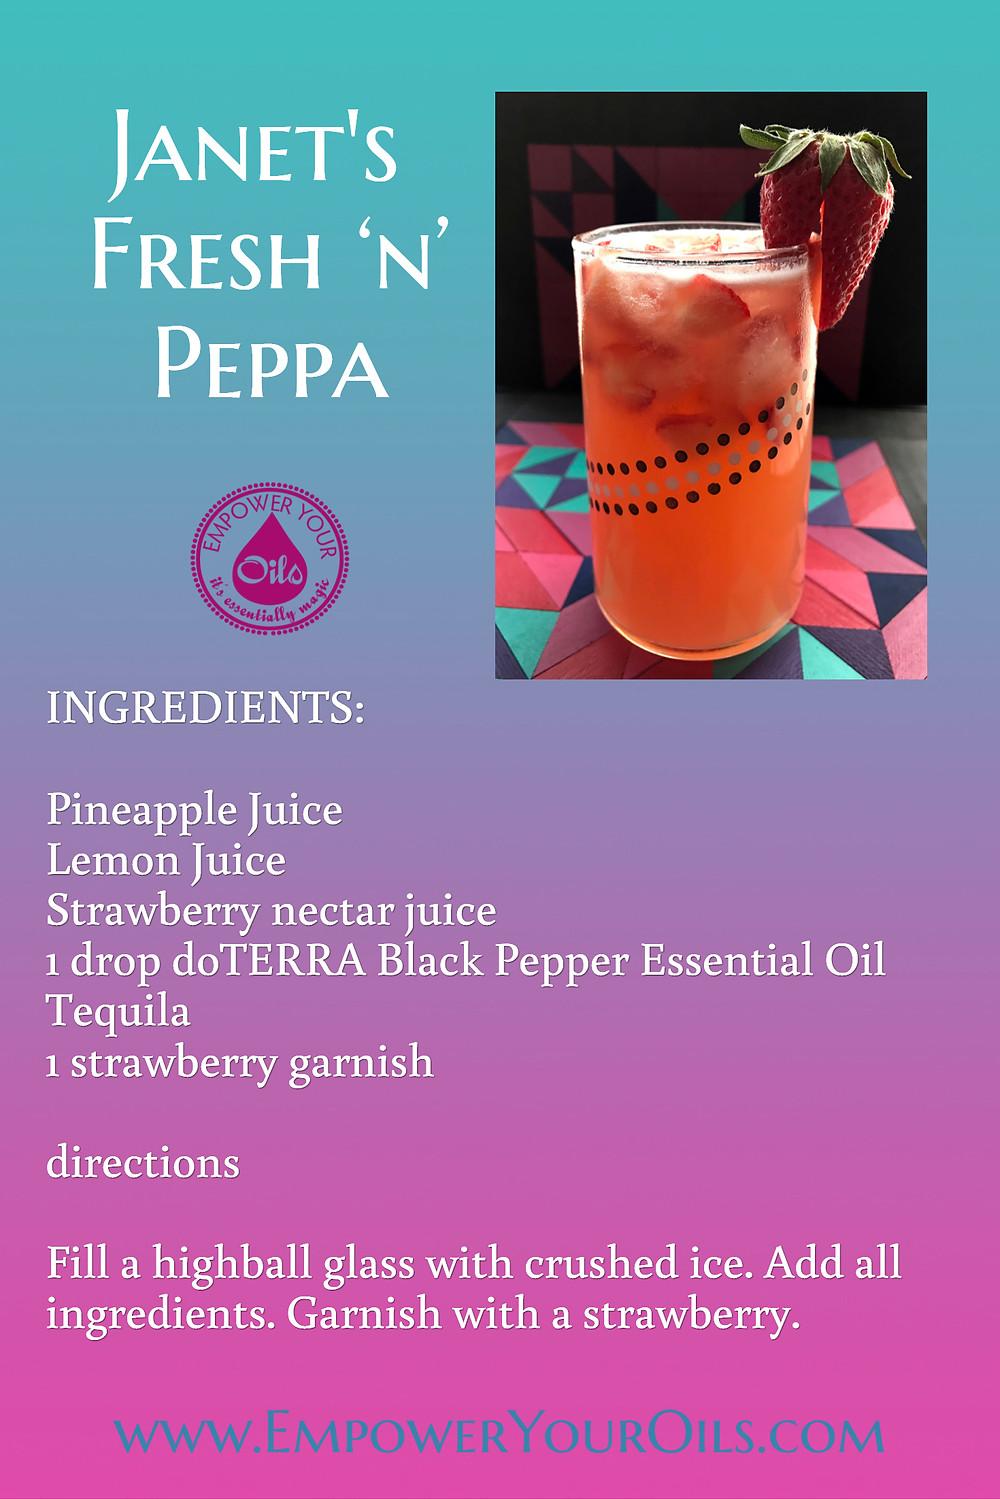 Janet's Fresh 'n' Peppa